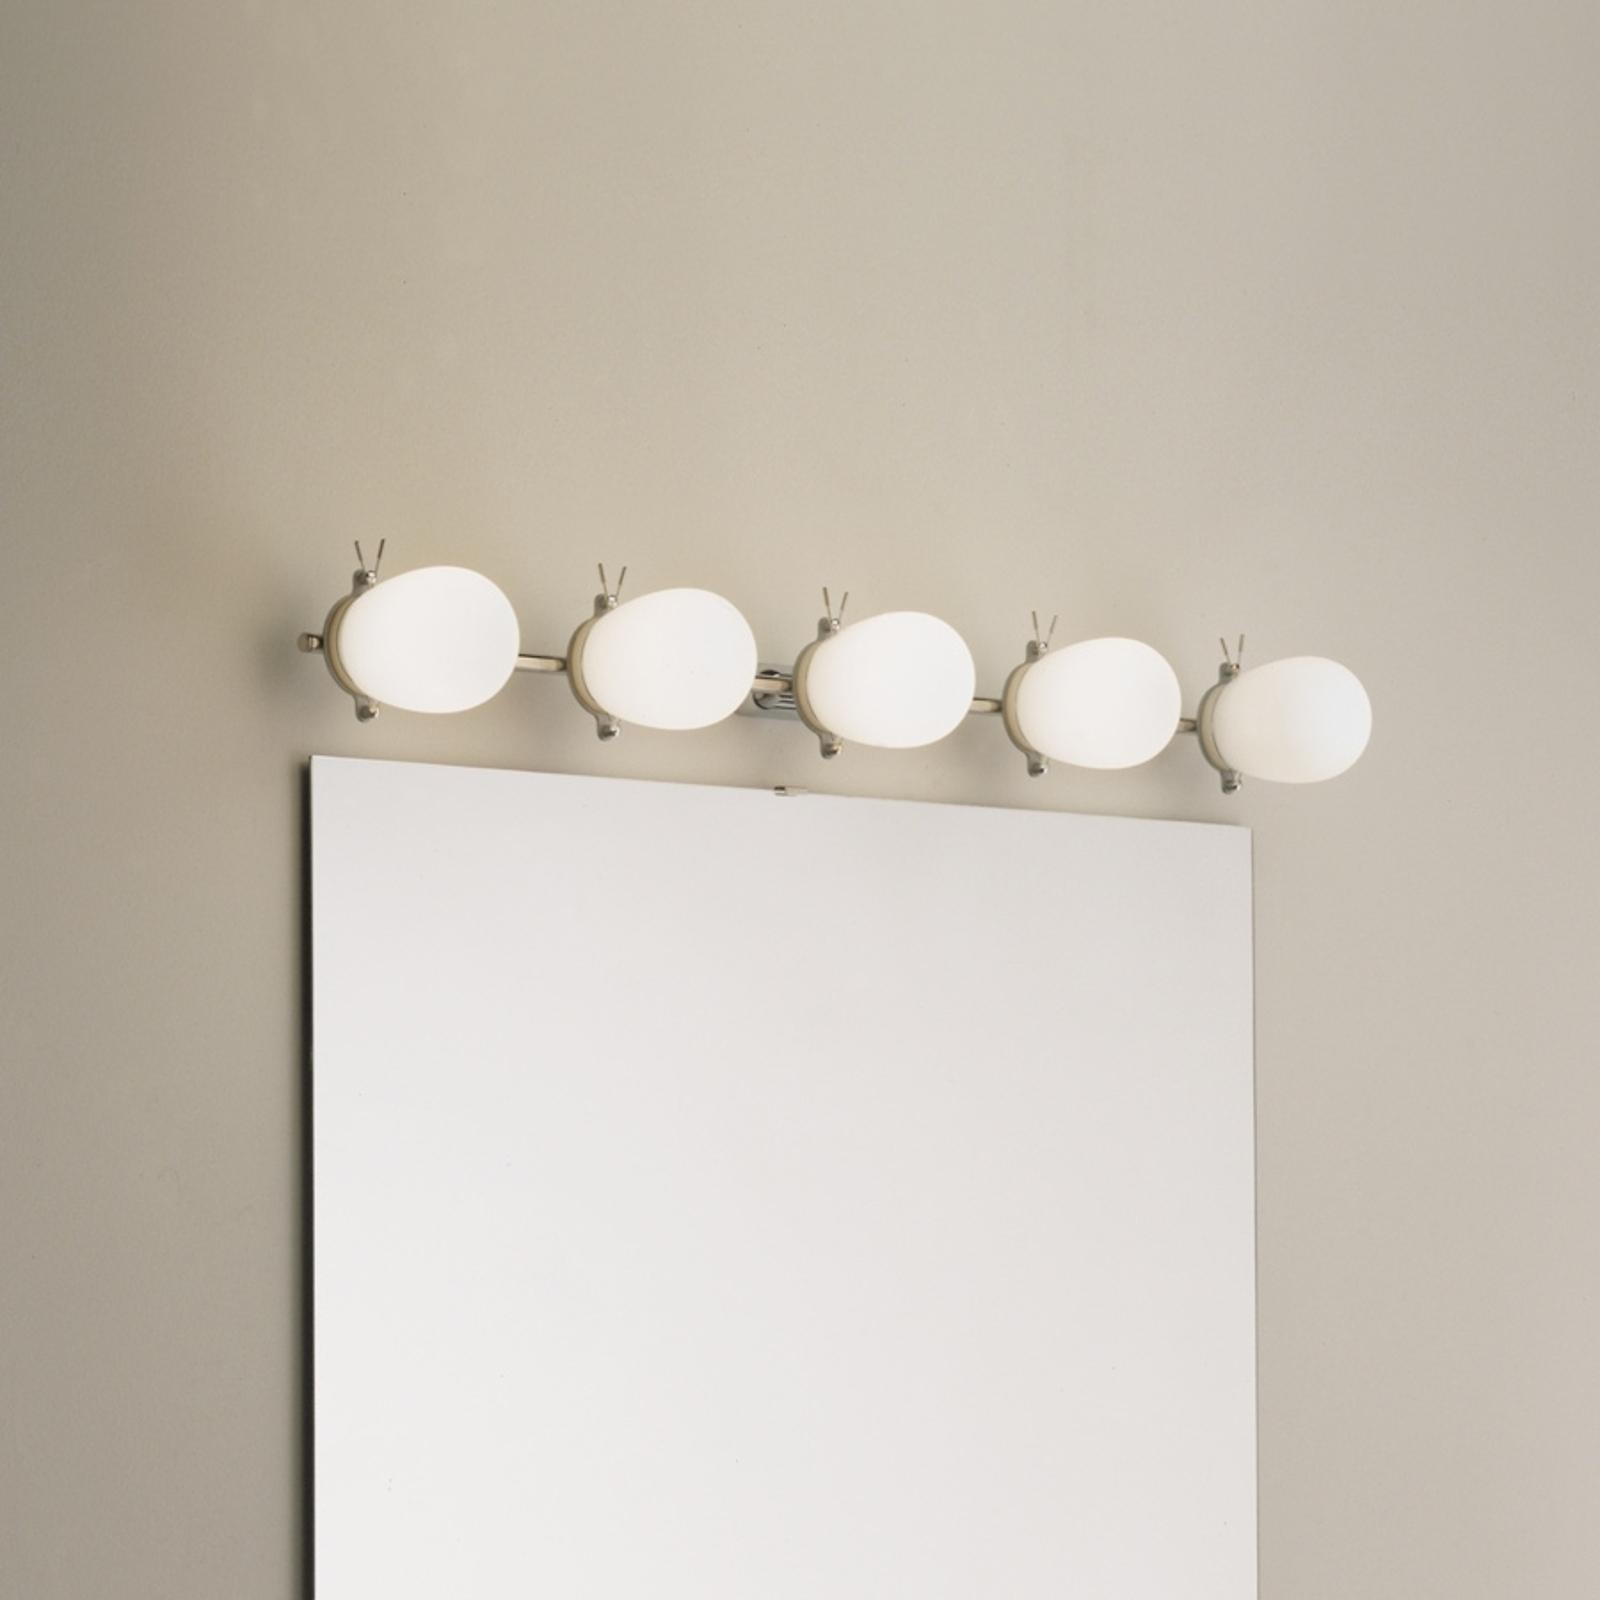 Formskön badrumsvägglampa Bano 5-lågig